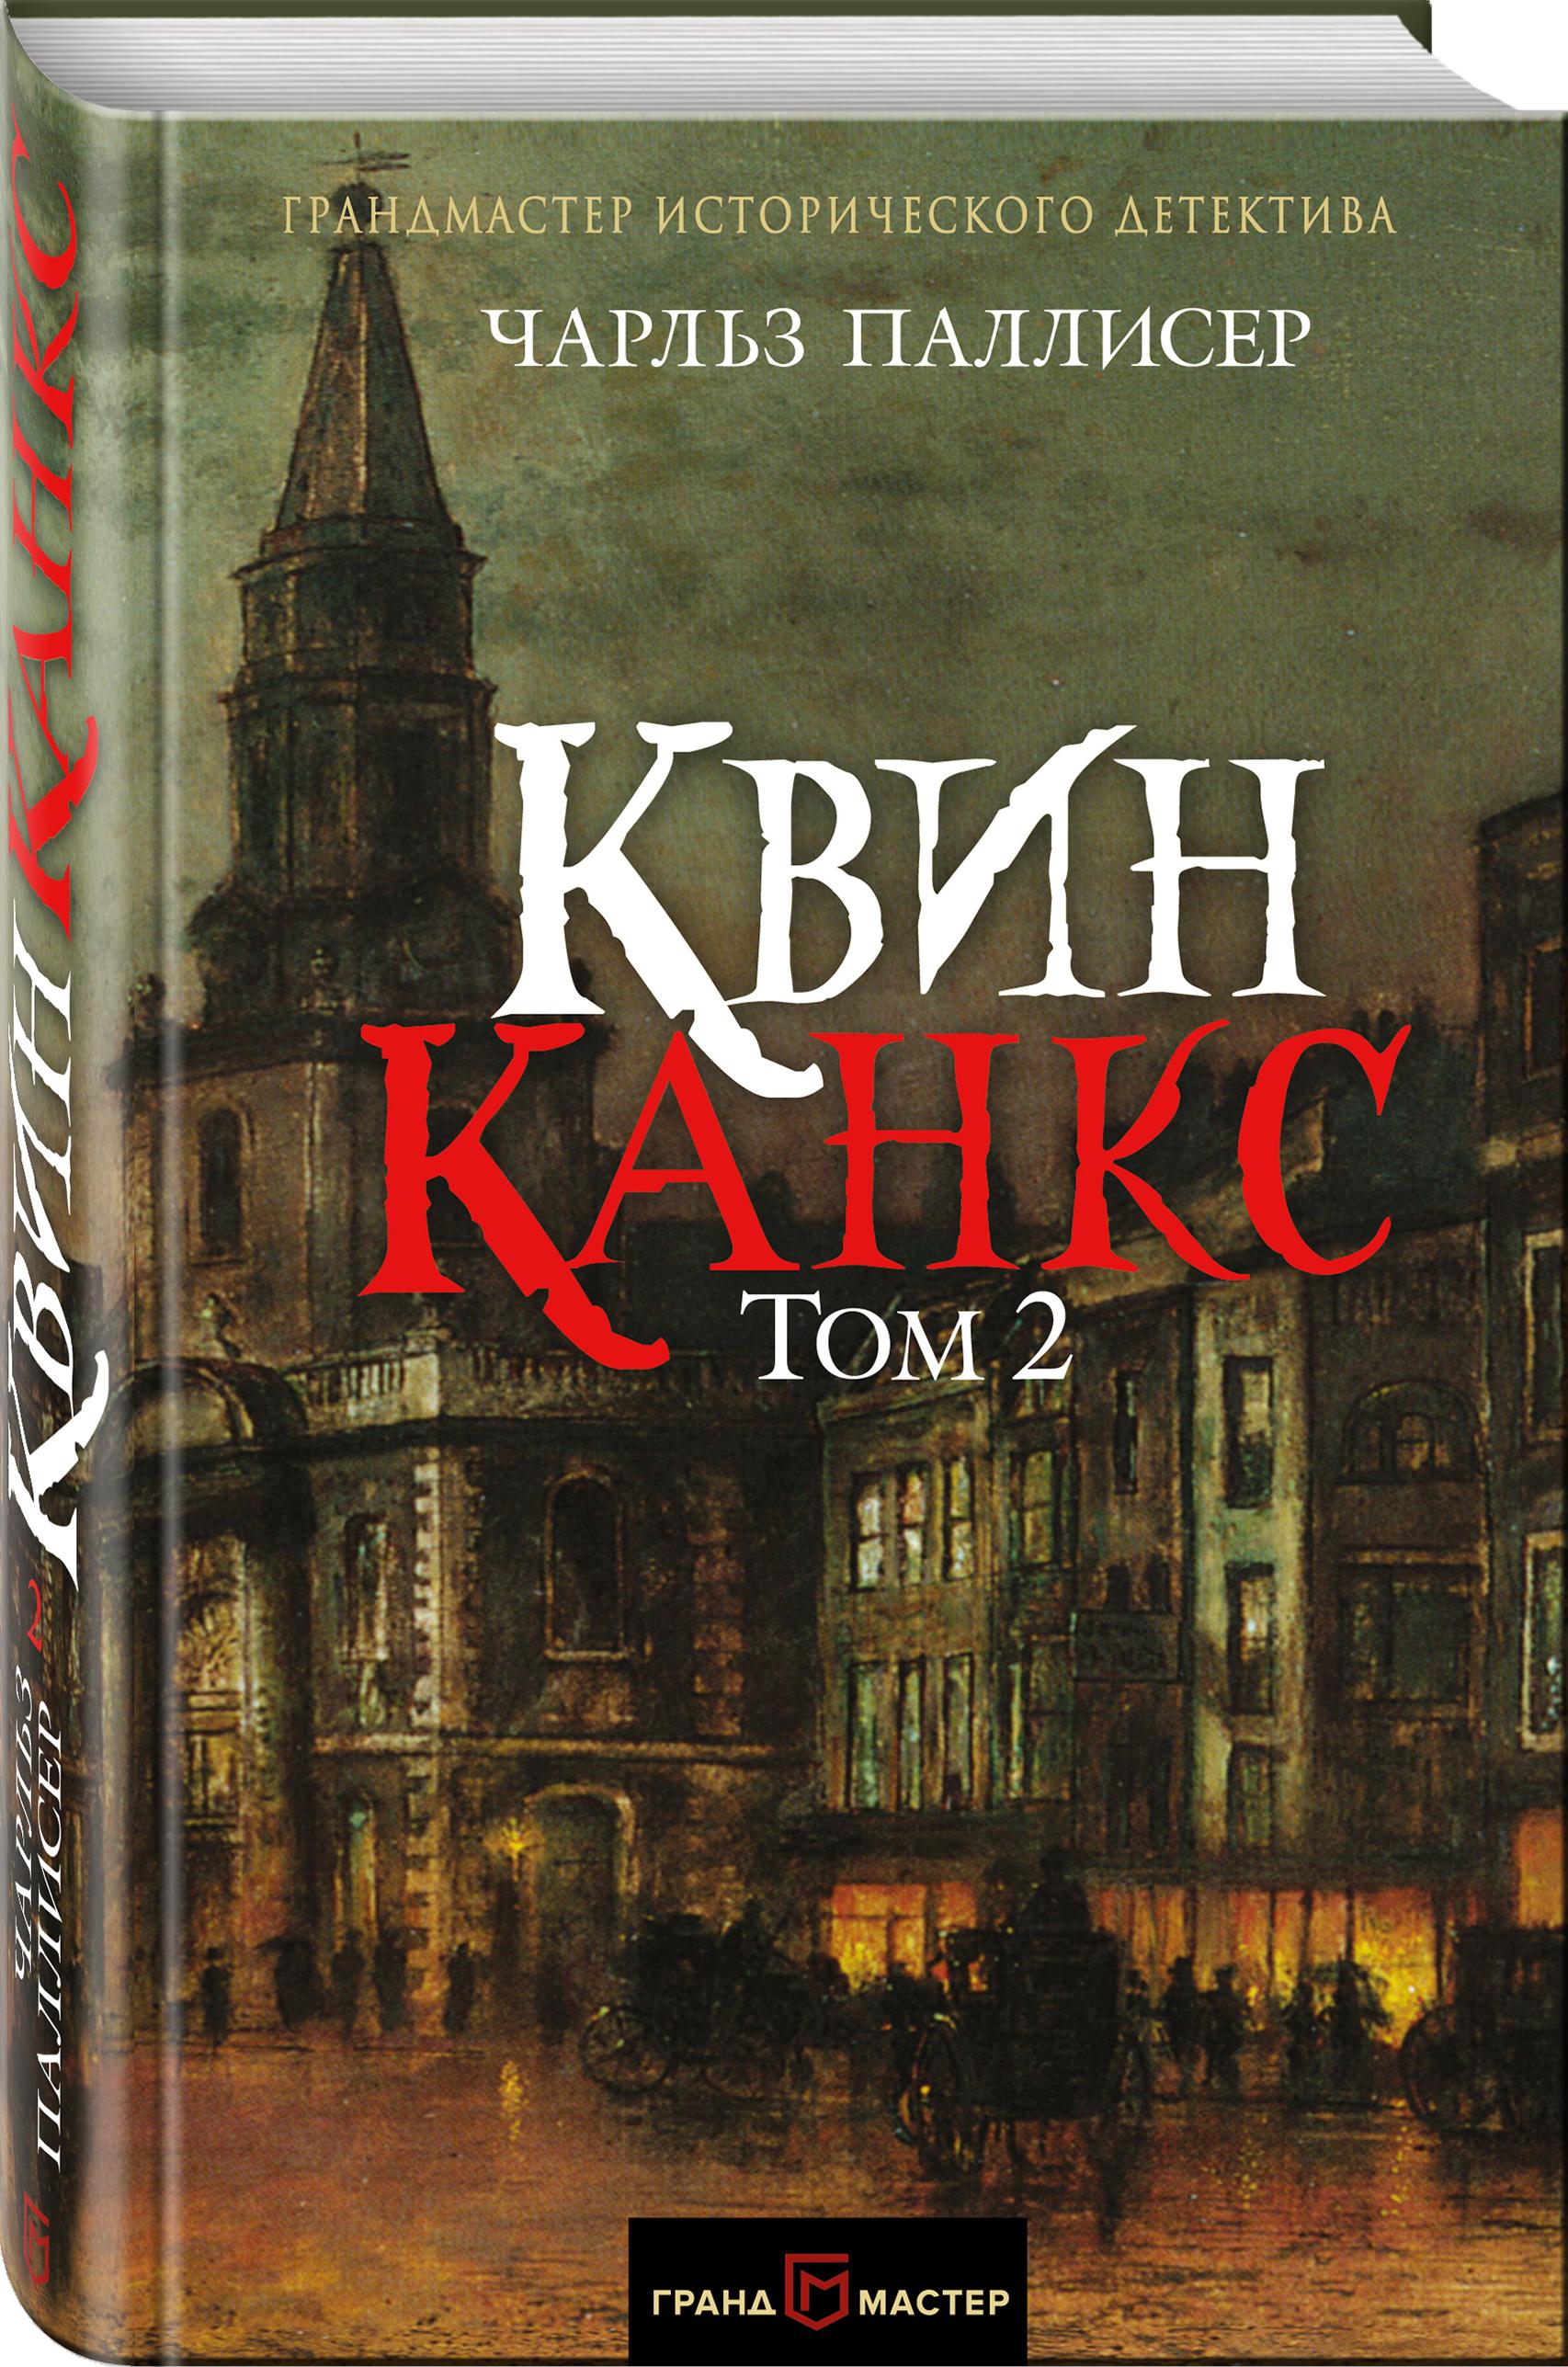 Скачать бесплатно книги зарубежный исторический детектив